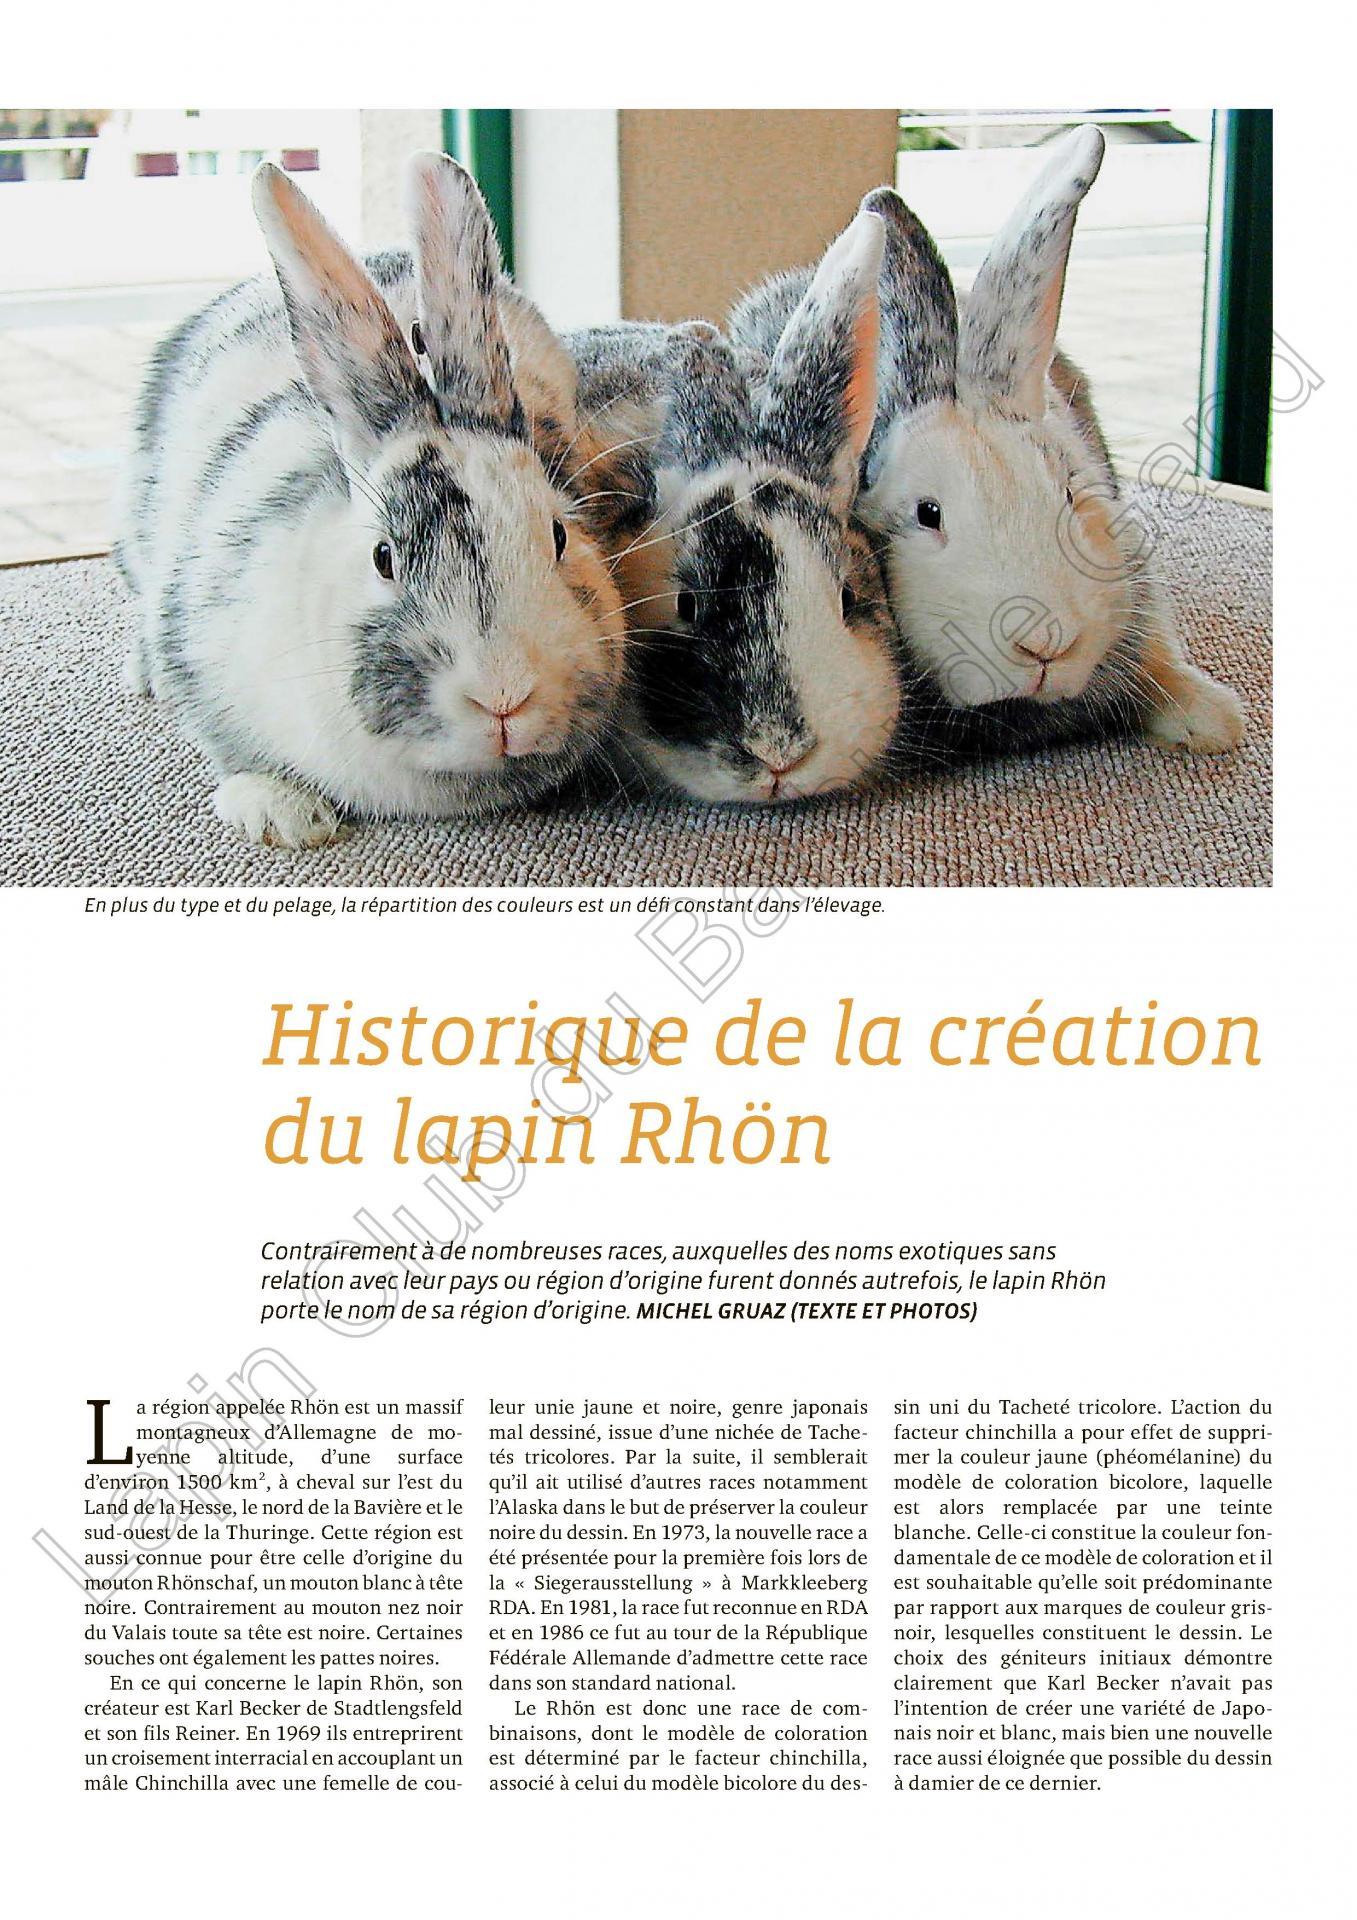 Historique de la creation du lapin rhon 1